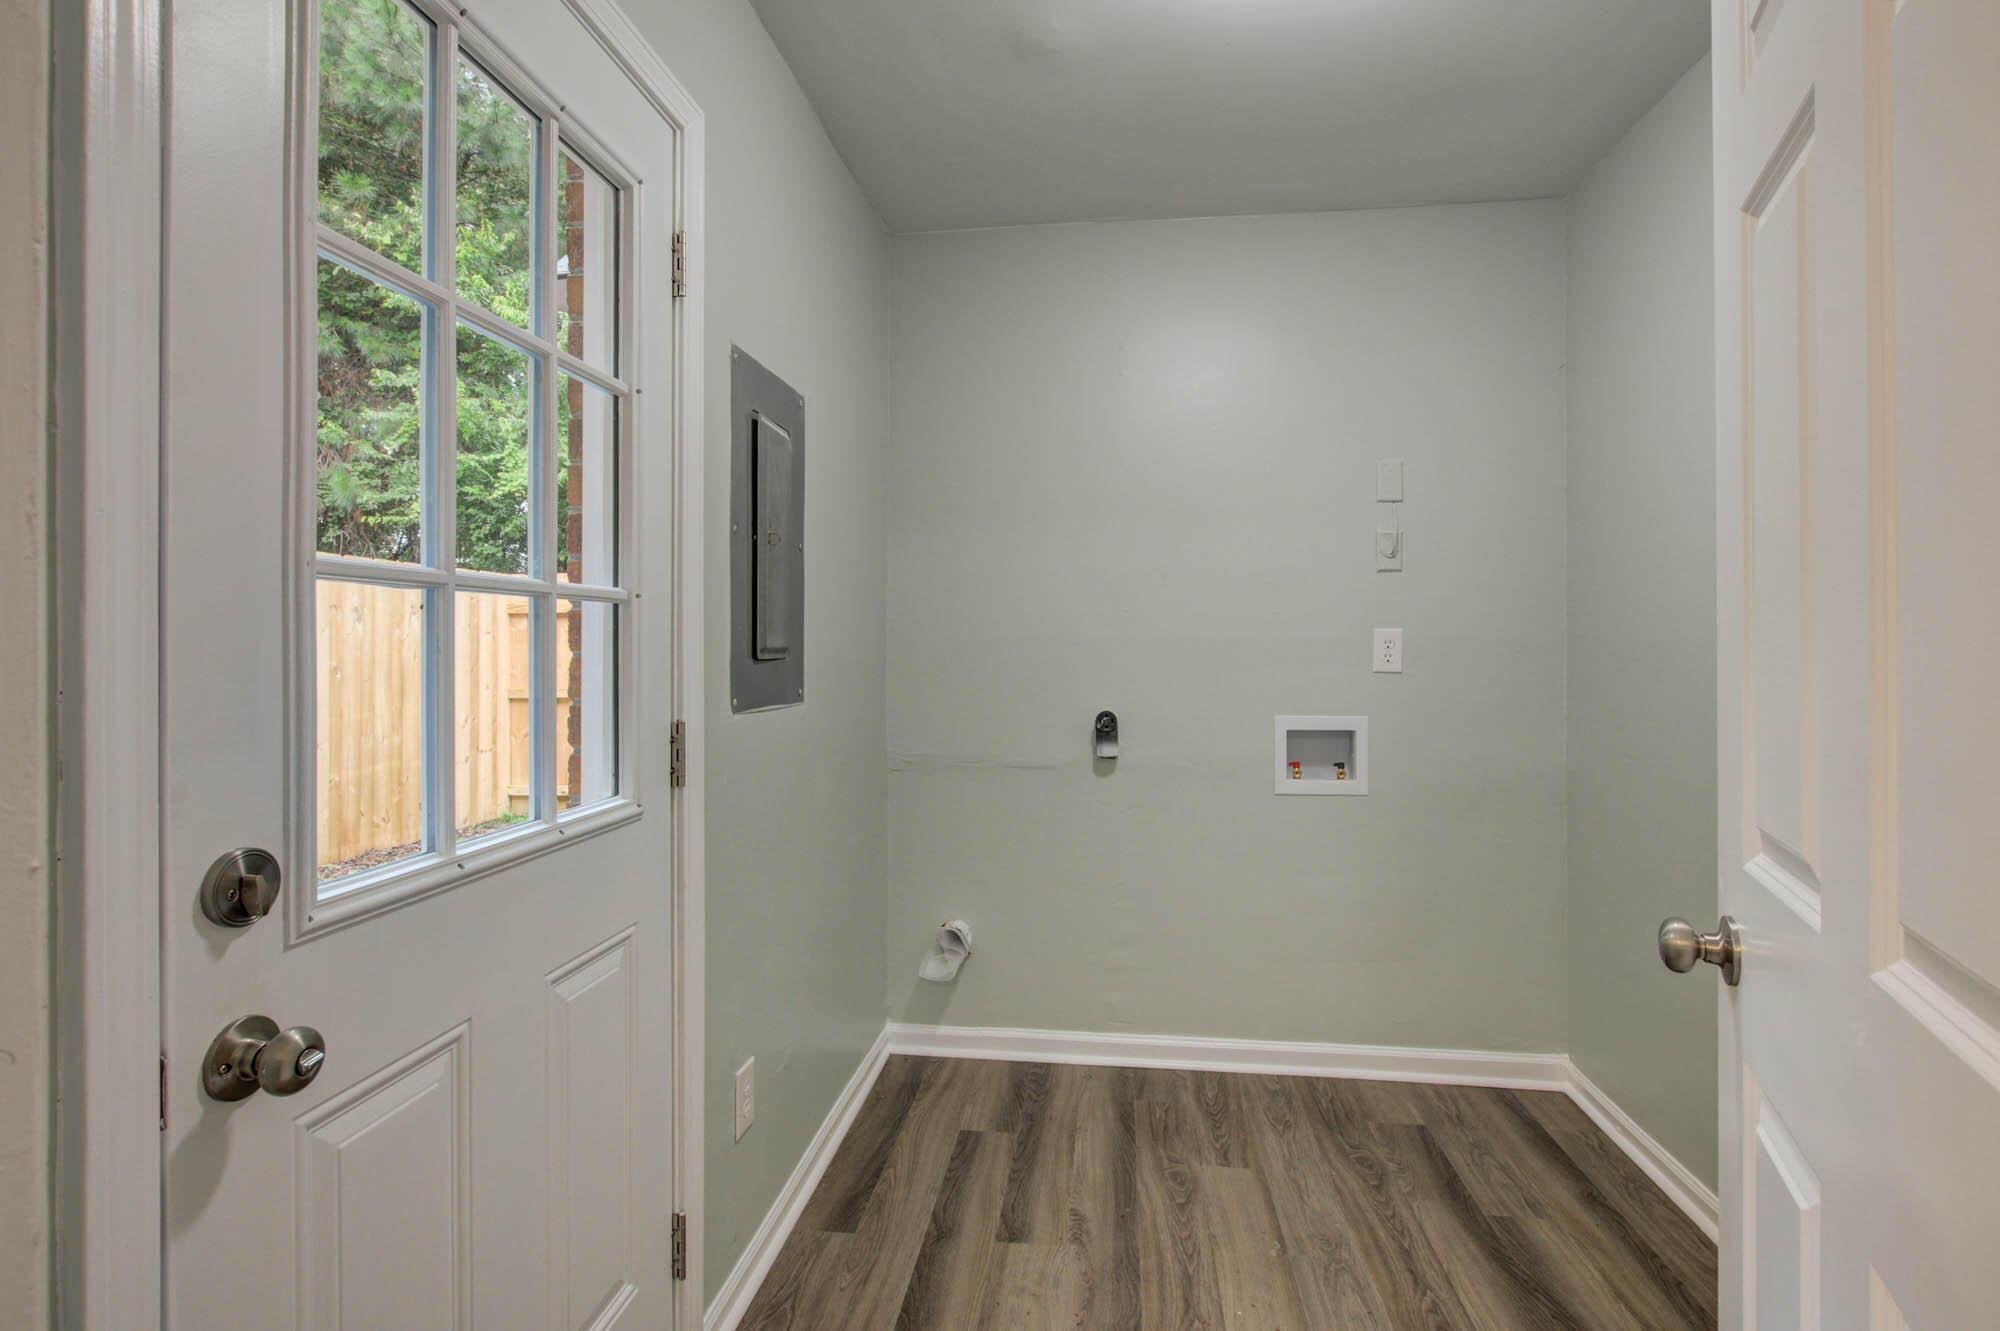 Wando East Homes For Sale - 1526 Nantahala, Mount Pleasant, SC - 18